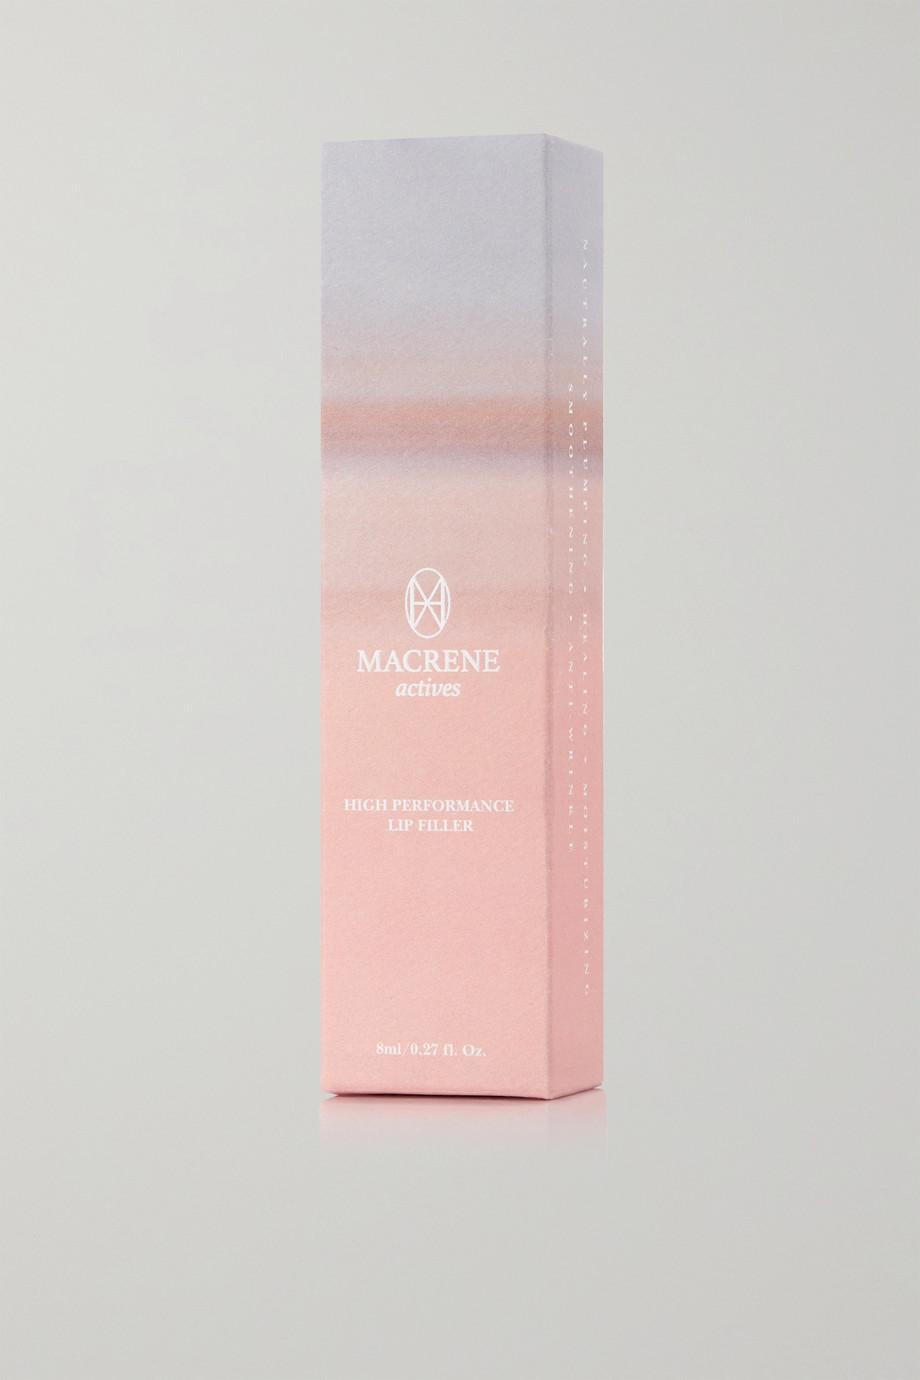 Macrene Actives High Performance Lip Filler, 8 ml – Lippenpflege